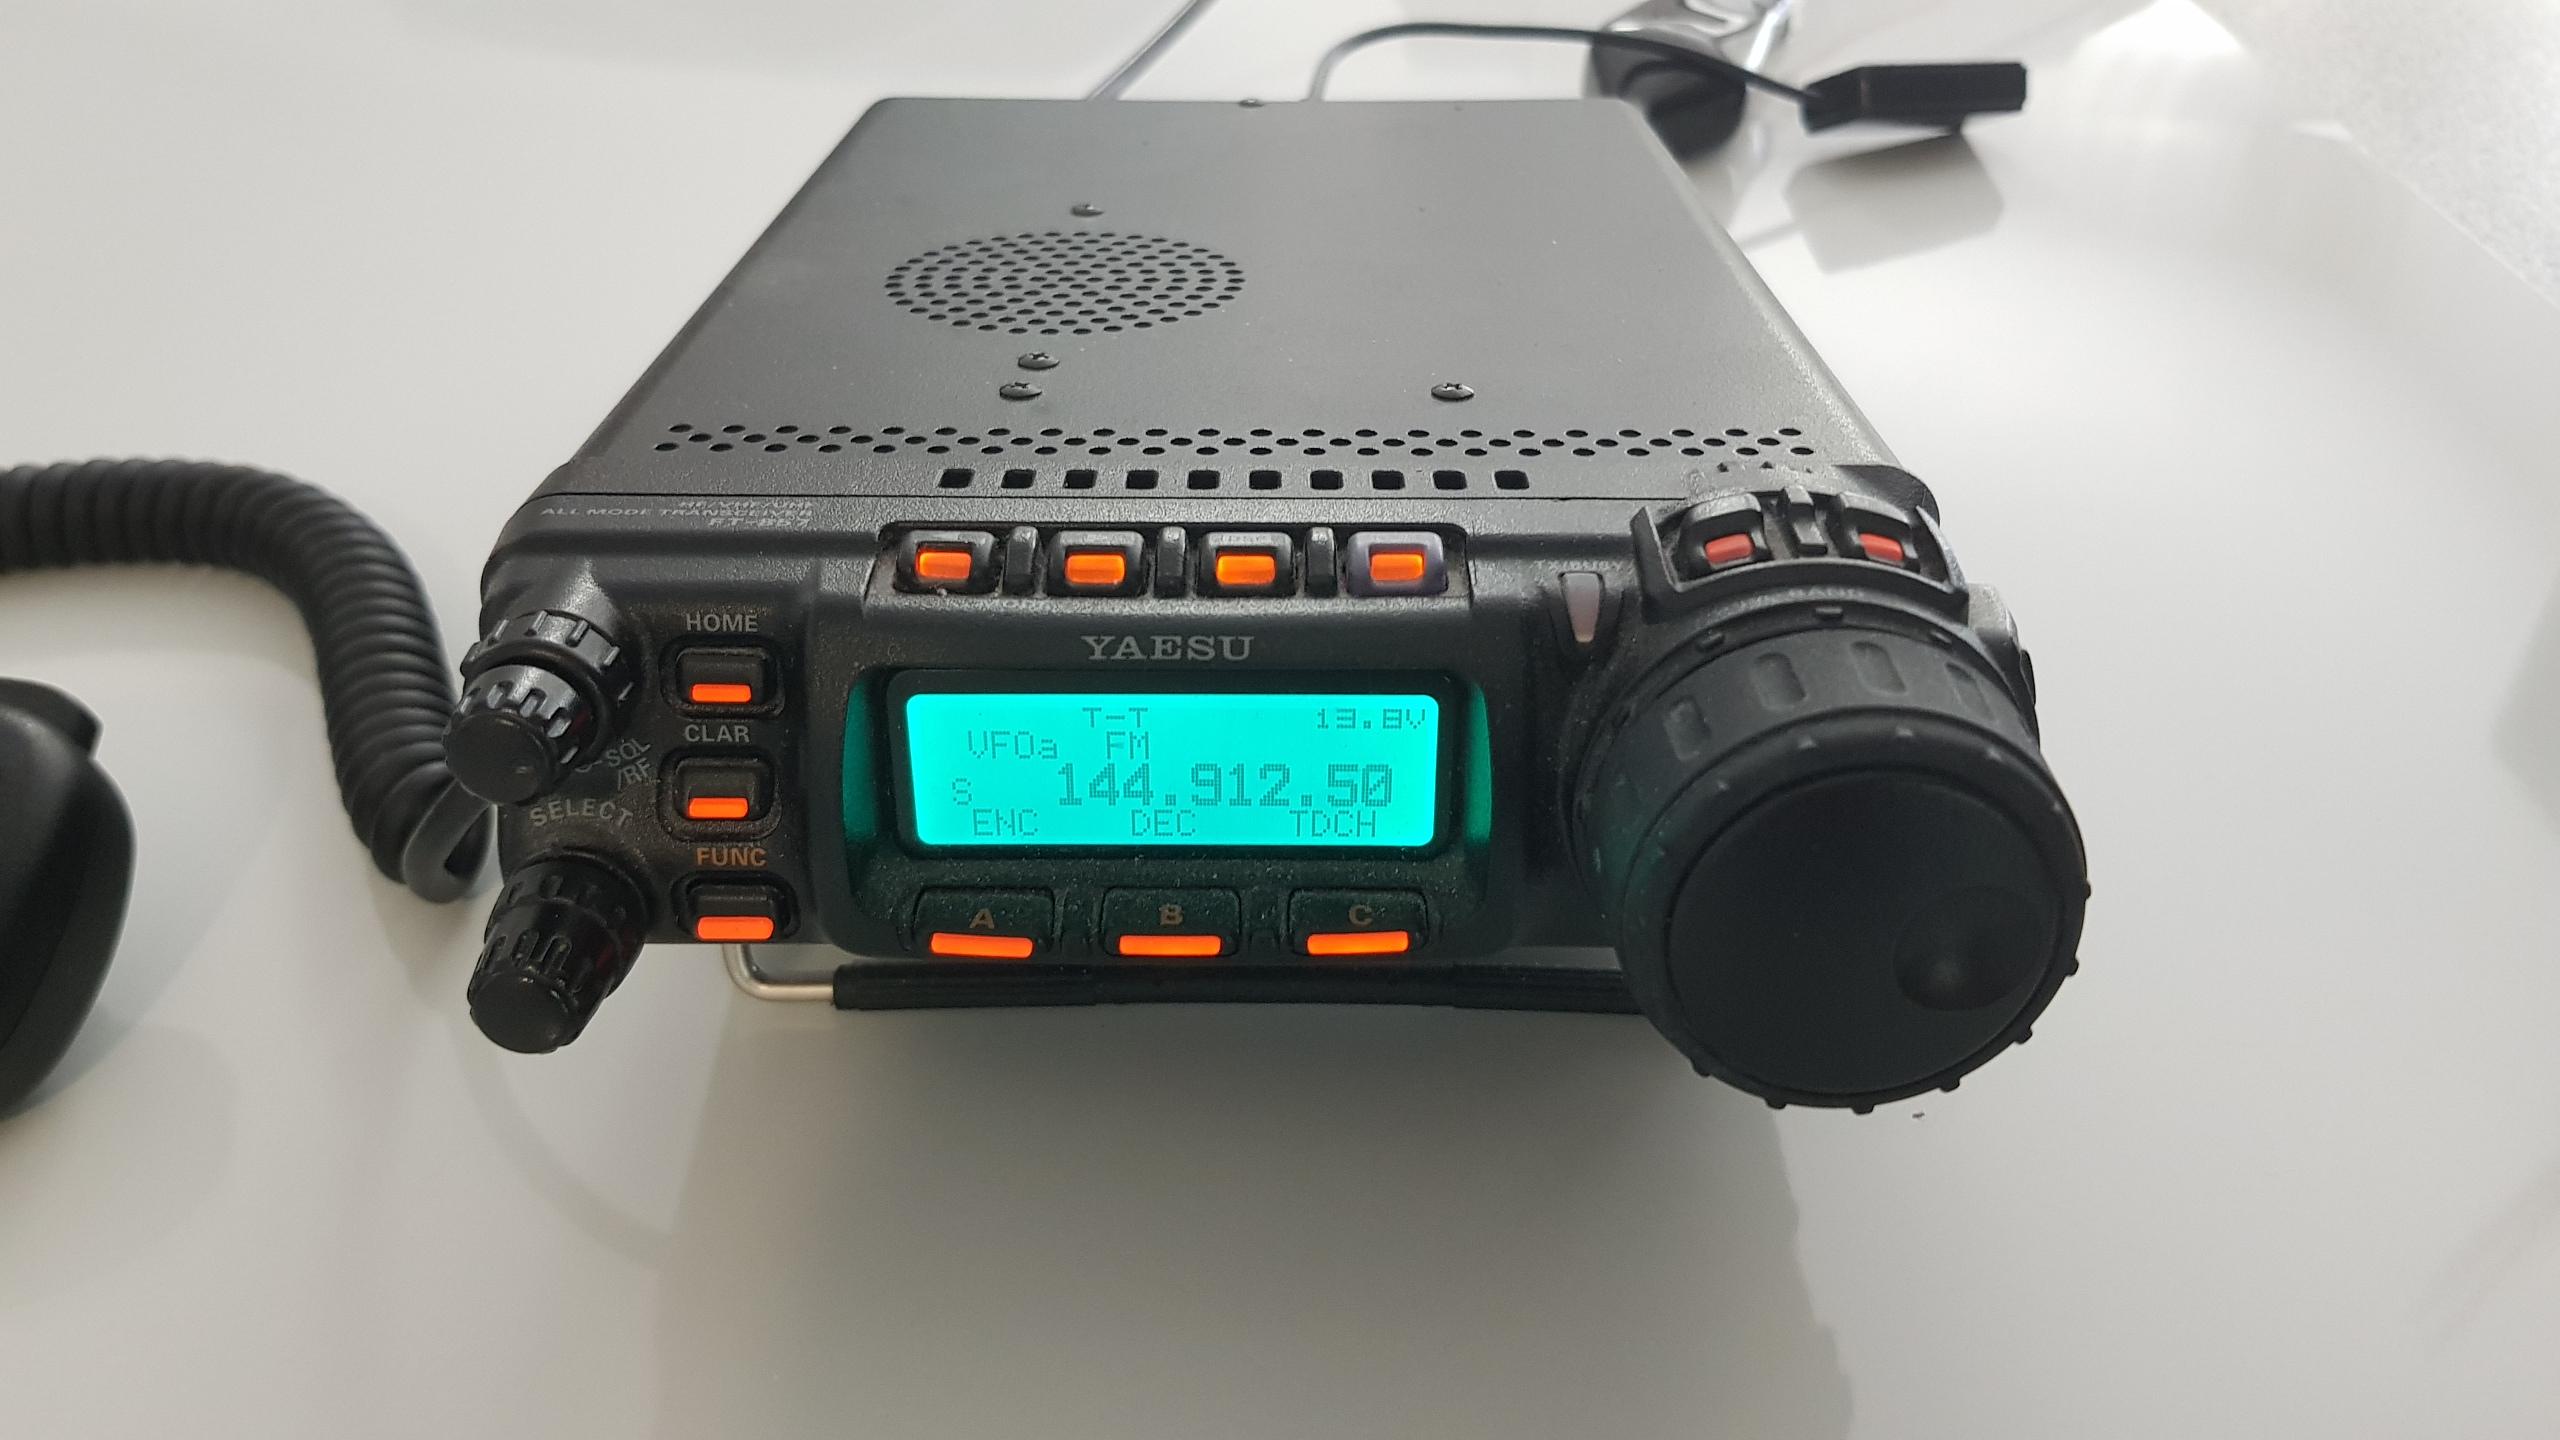 Bluetooth Steuerung für YAESU FT8X7 mit Raspberry Pi - IT-News